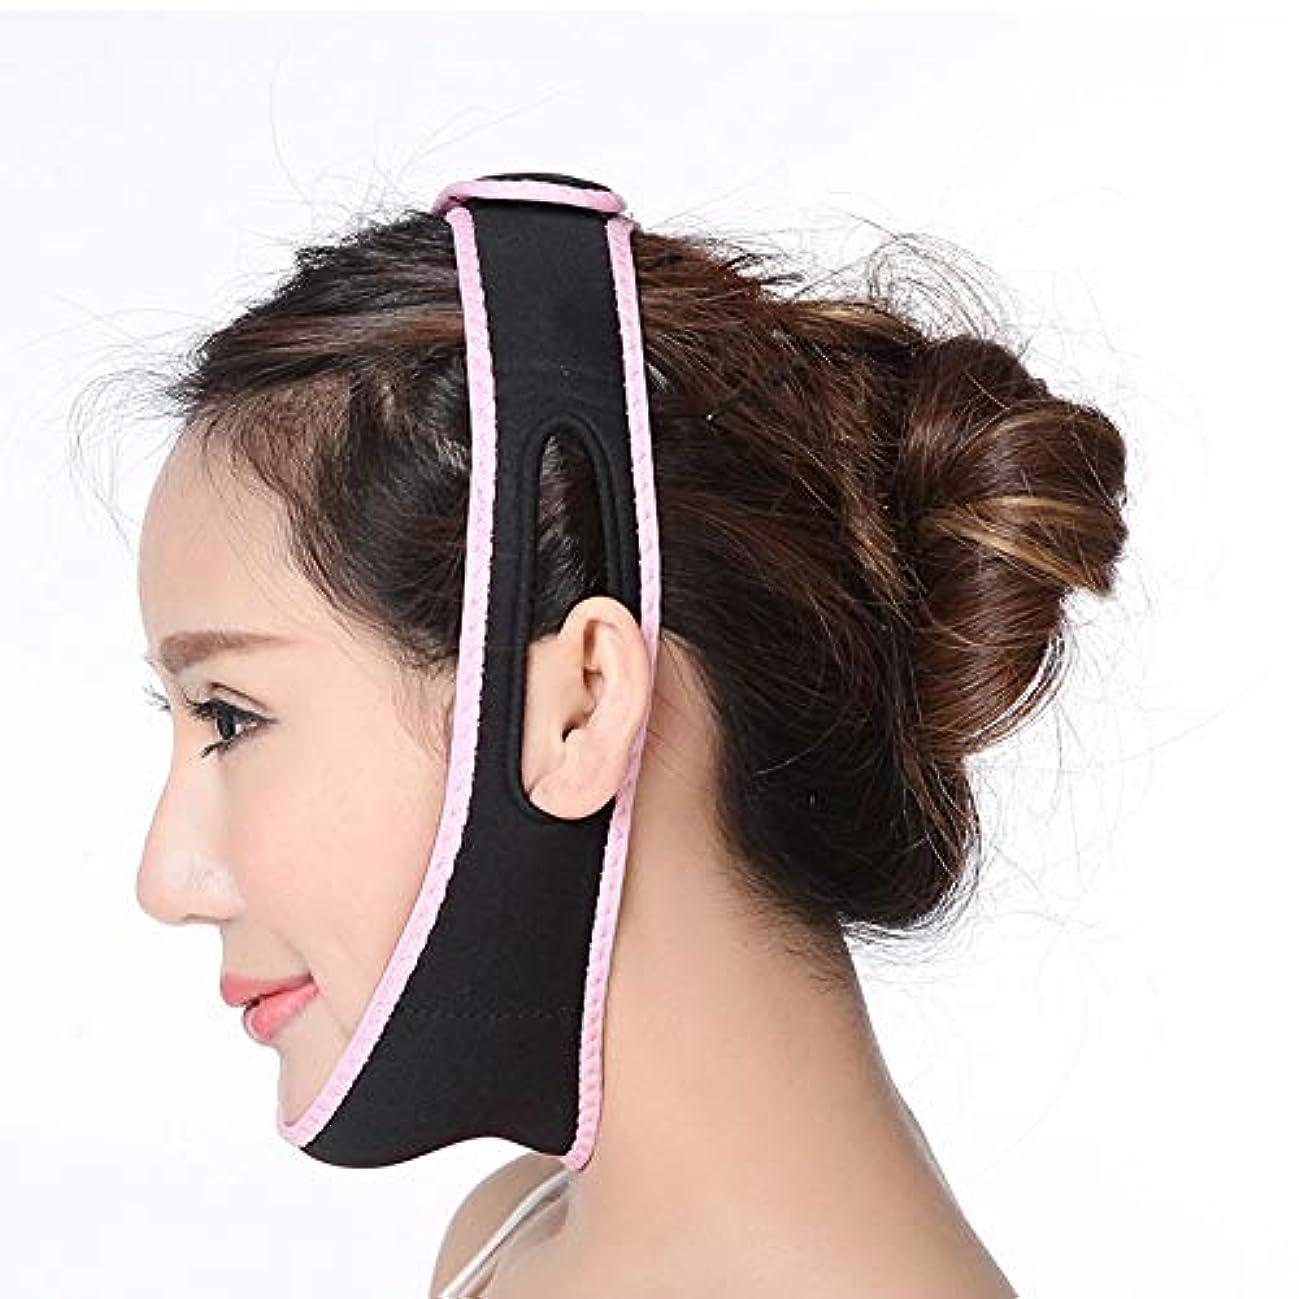 機転モール水没Jia Jia- フェイスリフティングアーティファクト3D薄型フェイス付き薄型シンフェイスマスク小型Vフェイス包帯二重あごフェイスリフティングデバイスリフティングファーミング - ブラック 顔面包帯